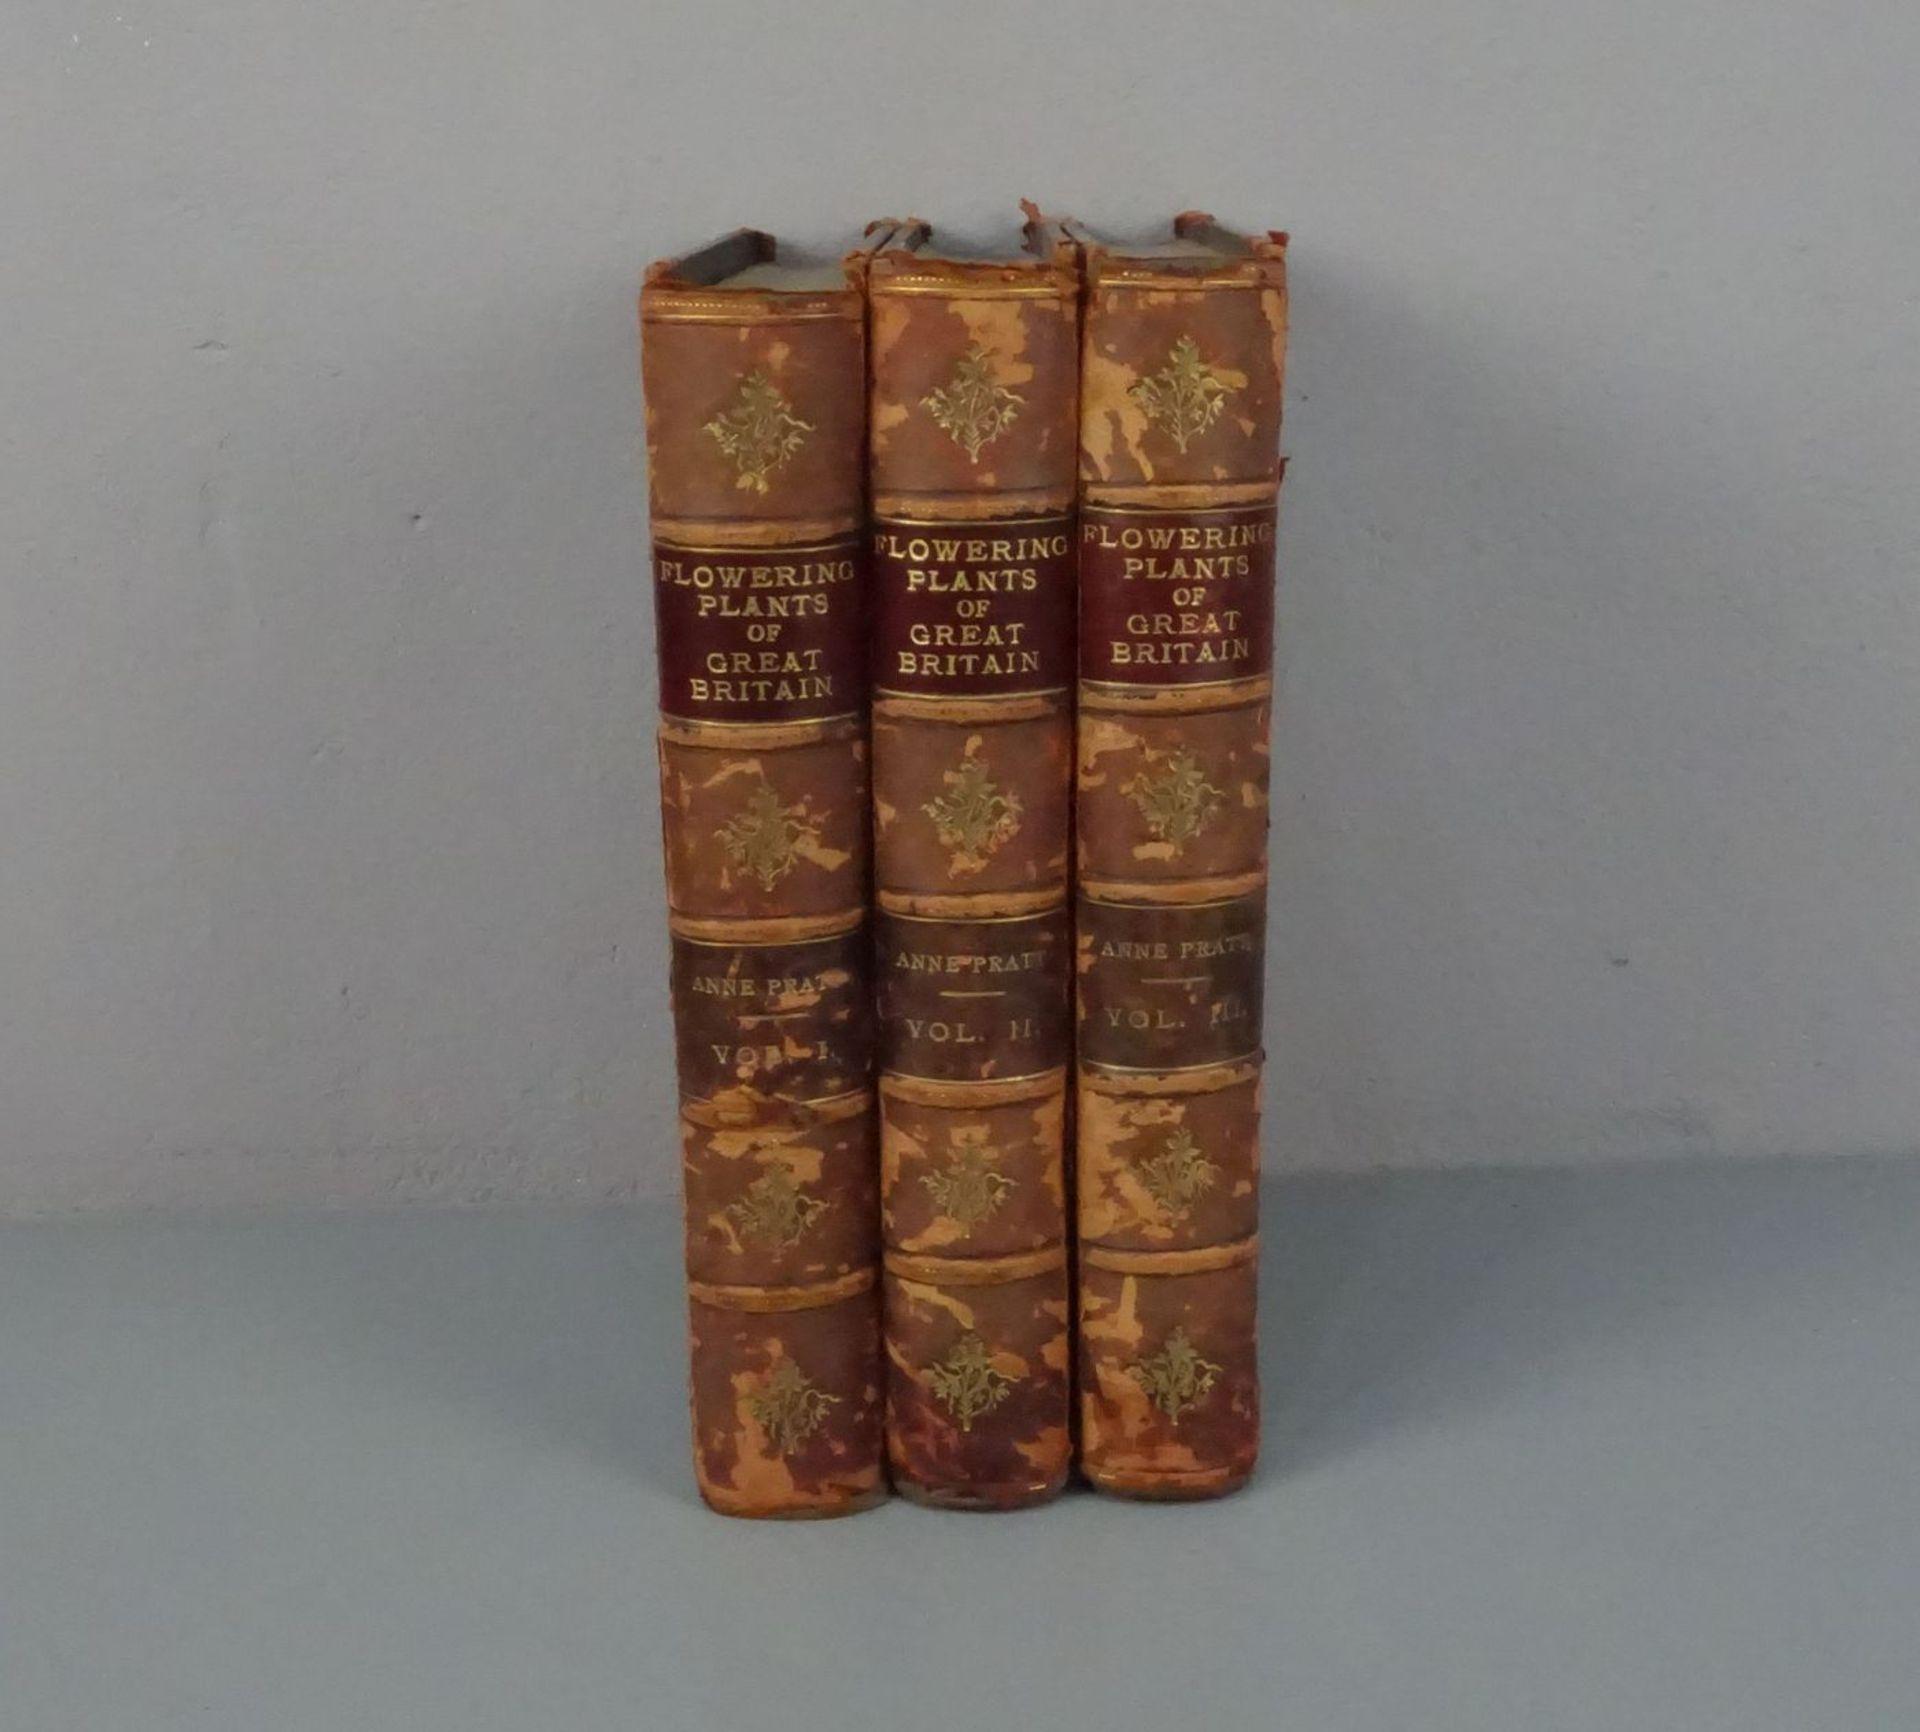 KONVOLUT BÜCHER VON 1899-1905: The Flowering Plants (Bd. 1-3) - Image 2 of 3